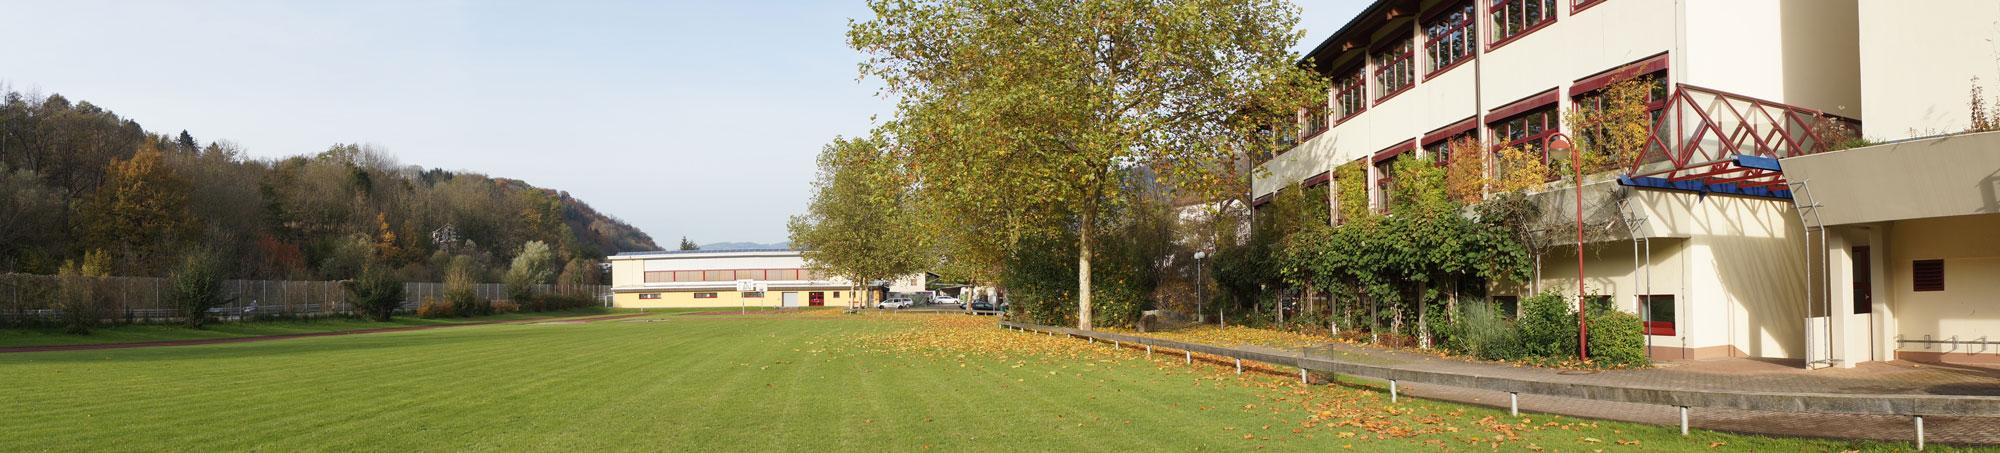 Sportplatz mit beiden Hallen